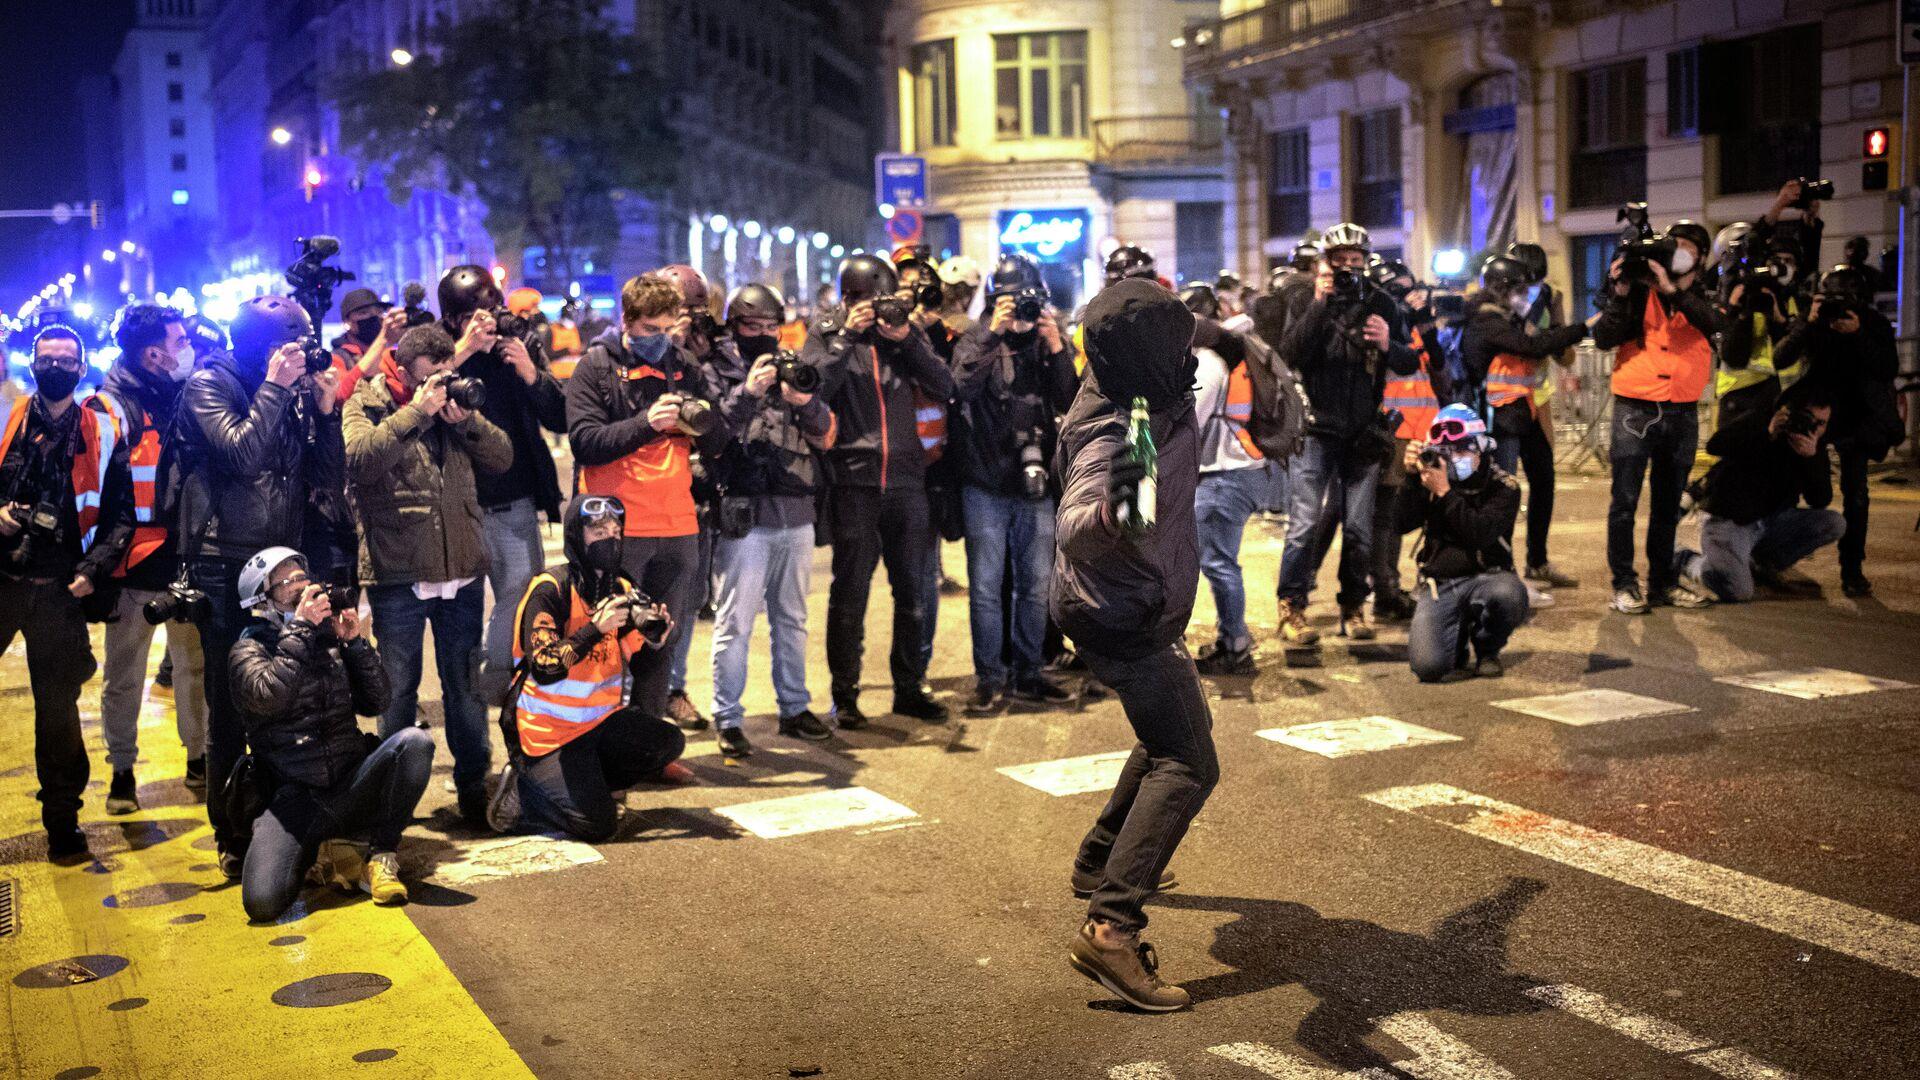 Las protestas por la encarcelación del rapero Pablo Hasél, Barcelona, Cataluña, 21 de febero de 2021. - Sputnik Mundo, 1920, 22.02.2021